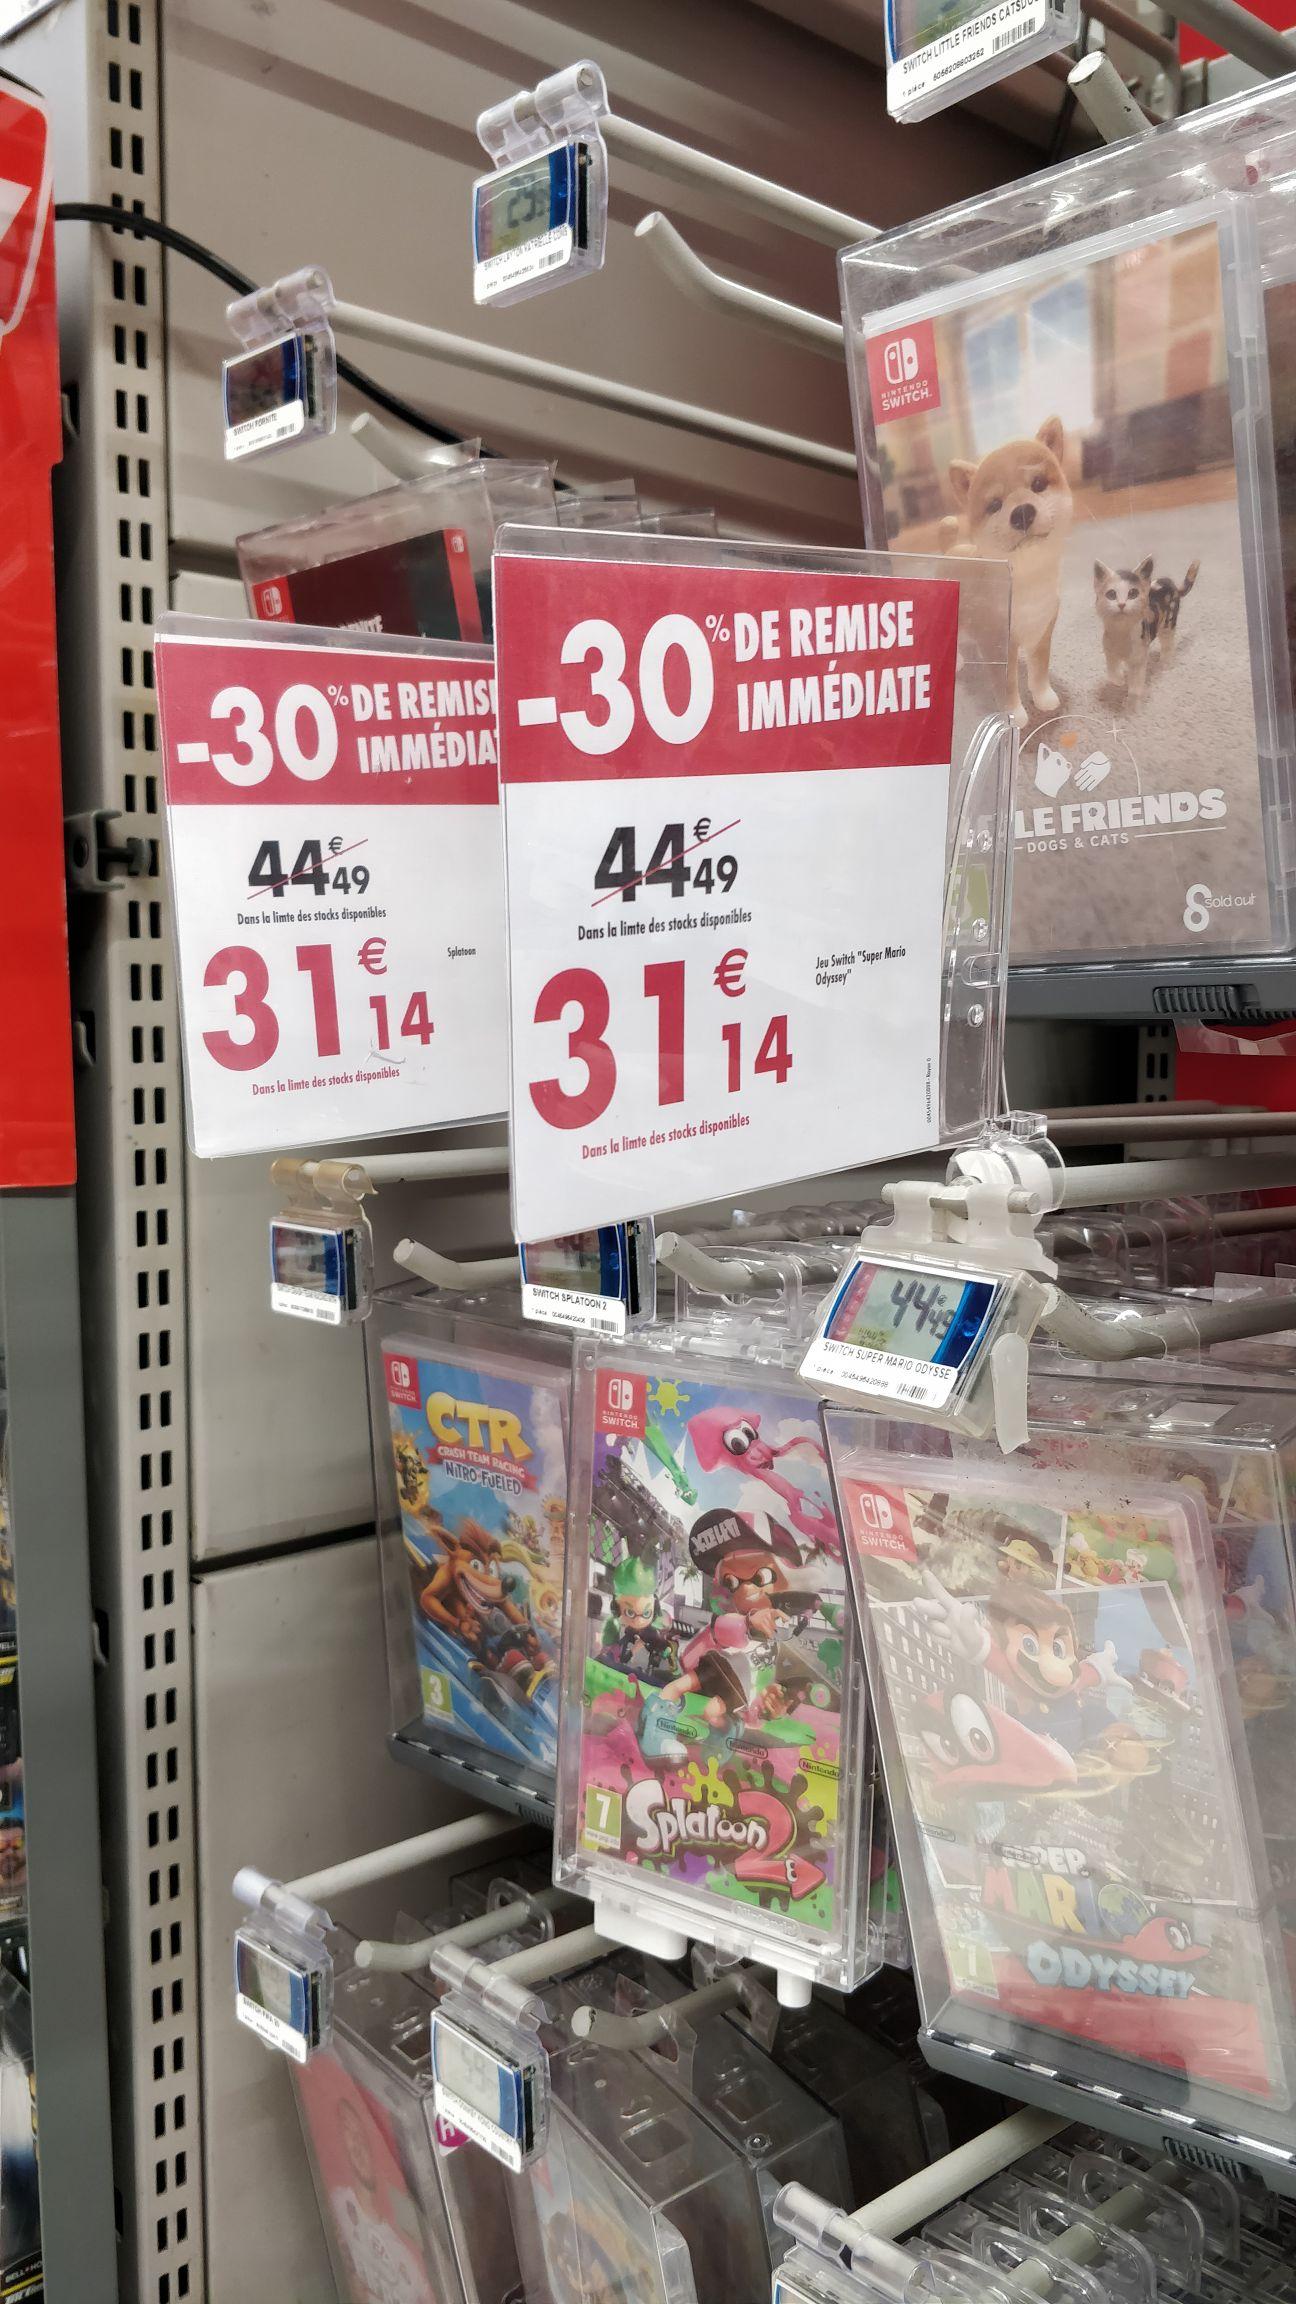 Sélection de jeux Switch - Ex : Super Mario Odyssey sur Nintendo Switch - Portet sur Garonne (31)